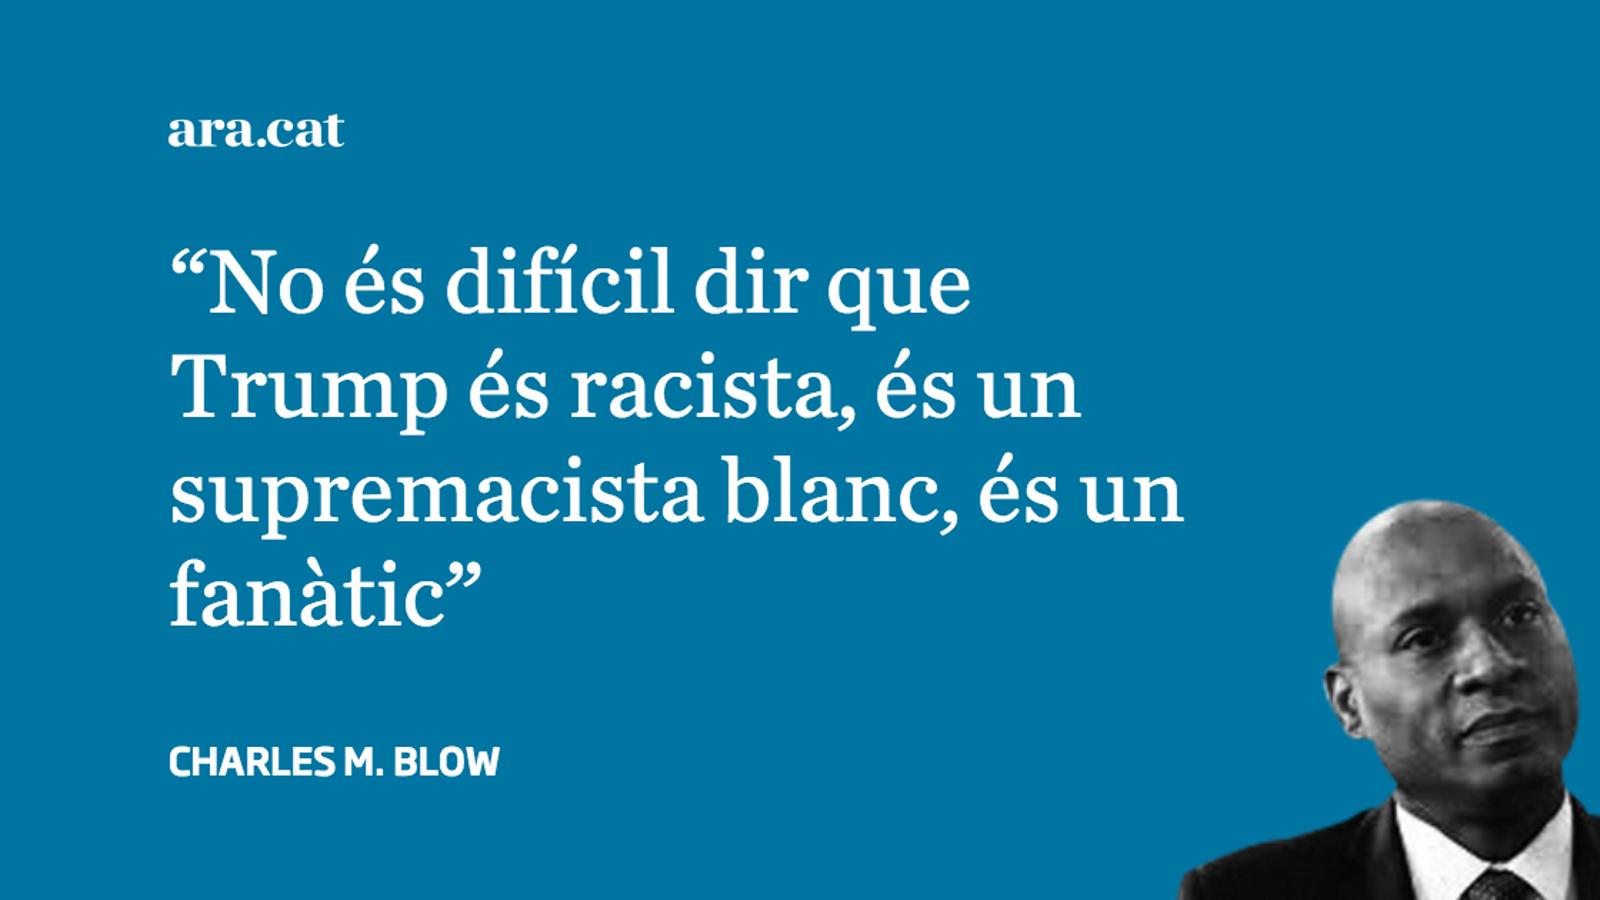 Trump és racista, i punt